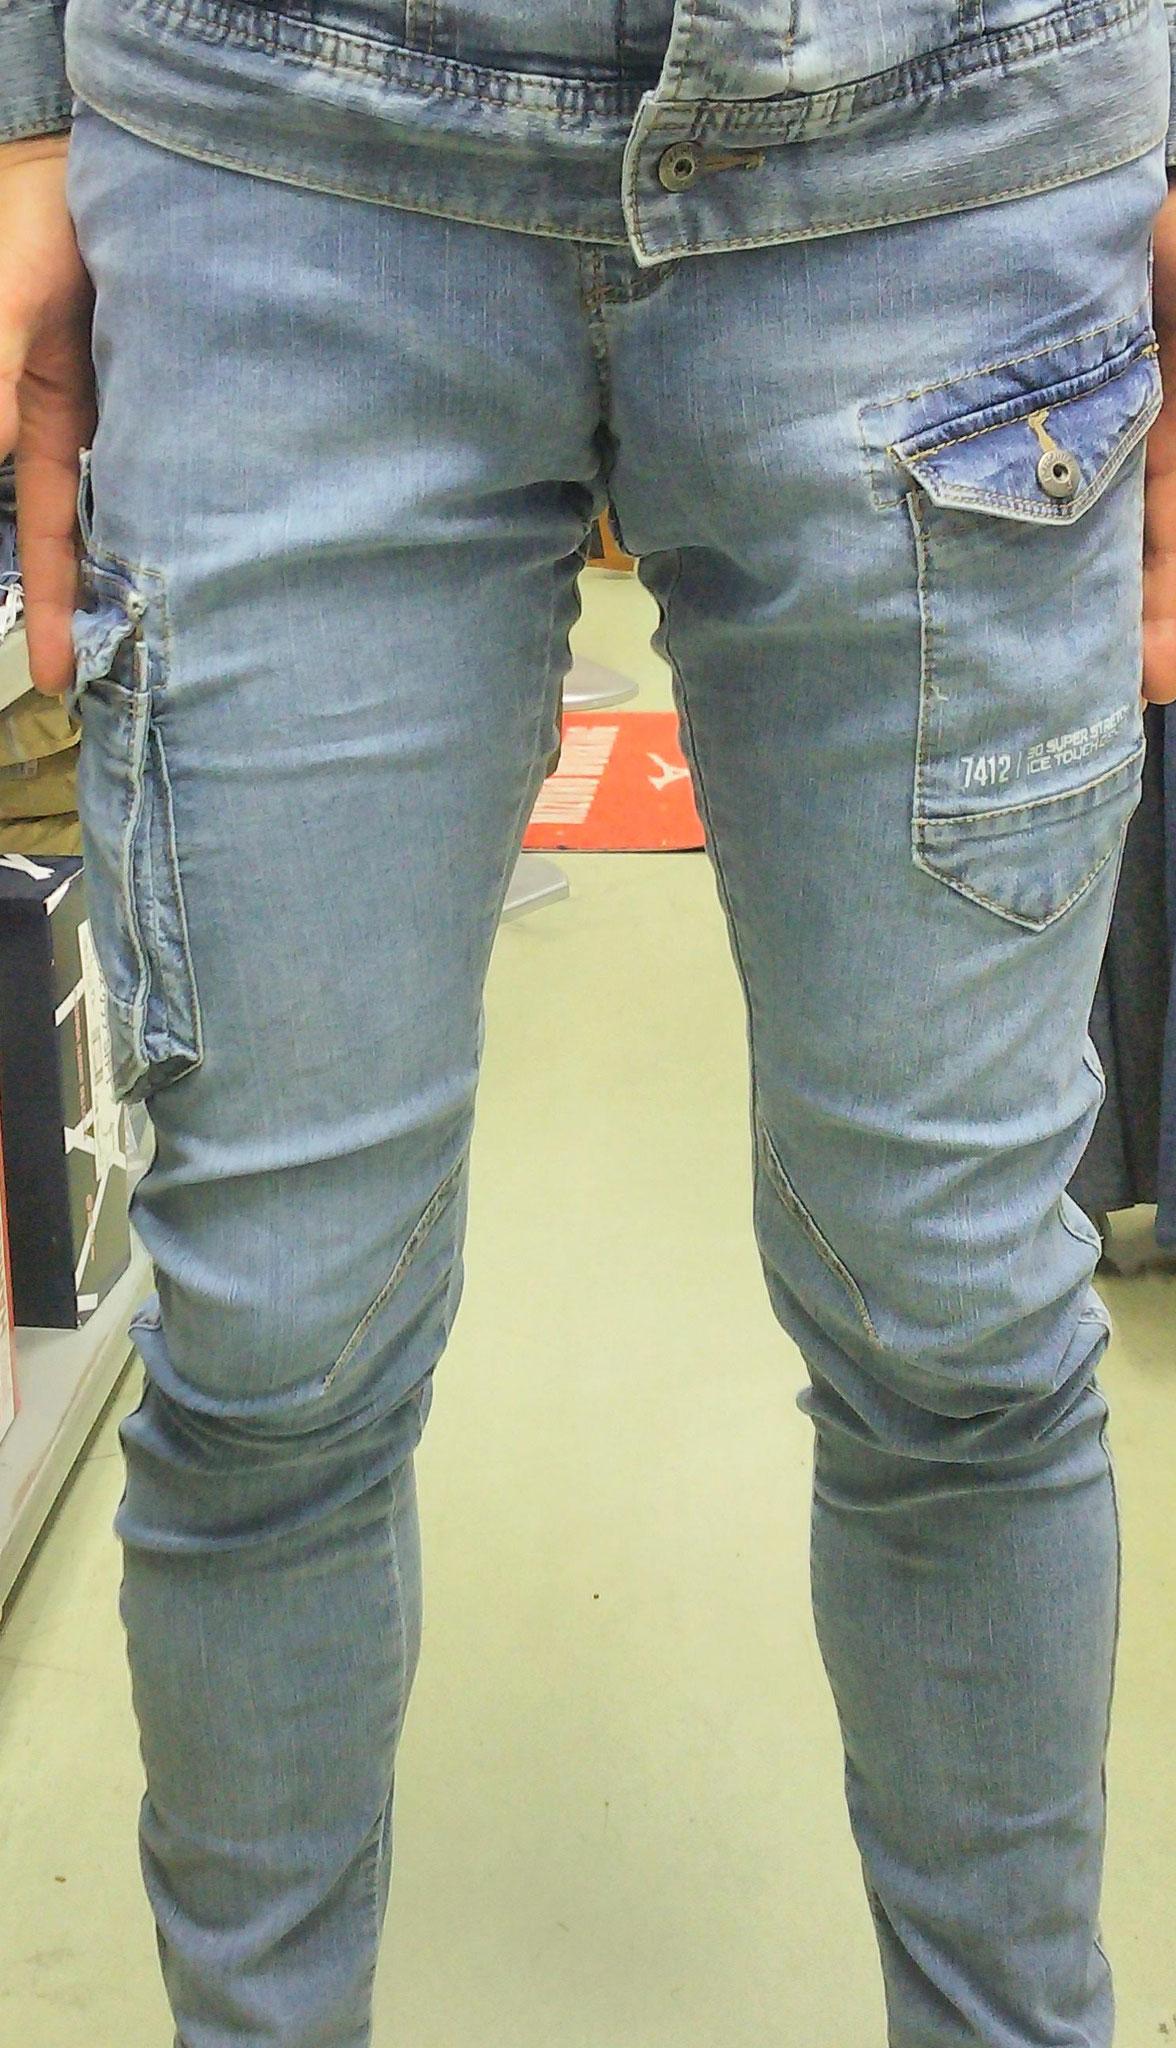 I'Z FRONTIER~アイズフロンティア~アイスタッチデニム。実際に履いてみました。モモの辺りがひんやりします。